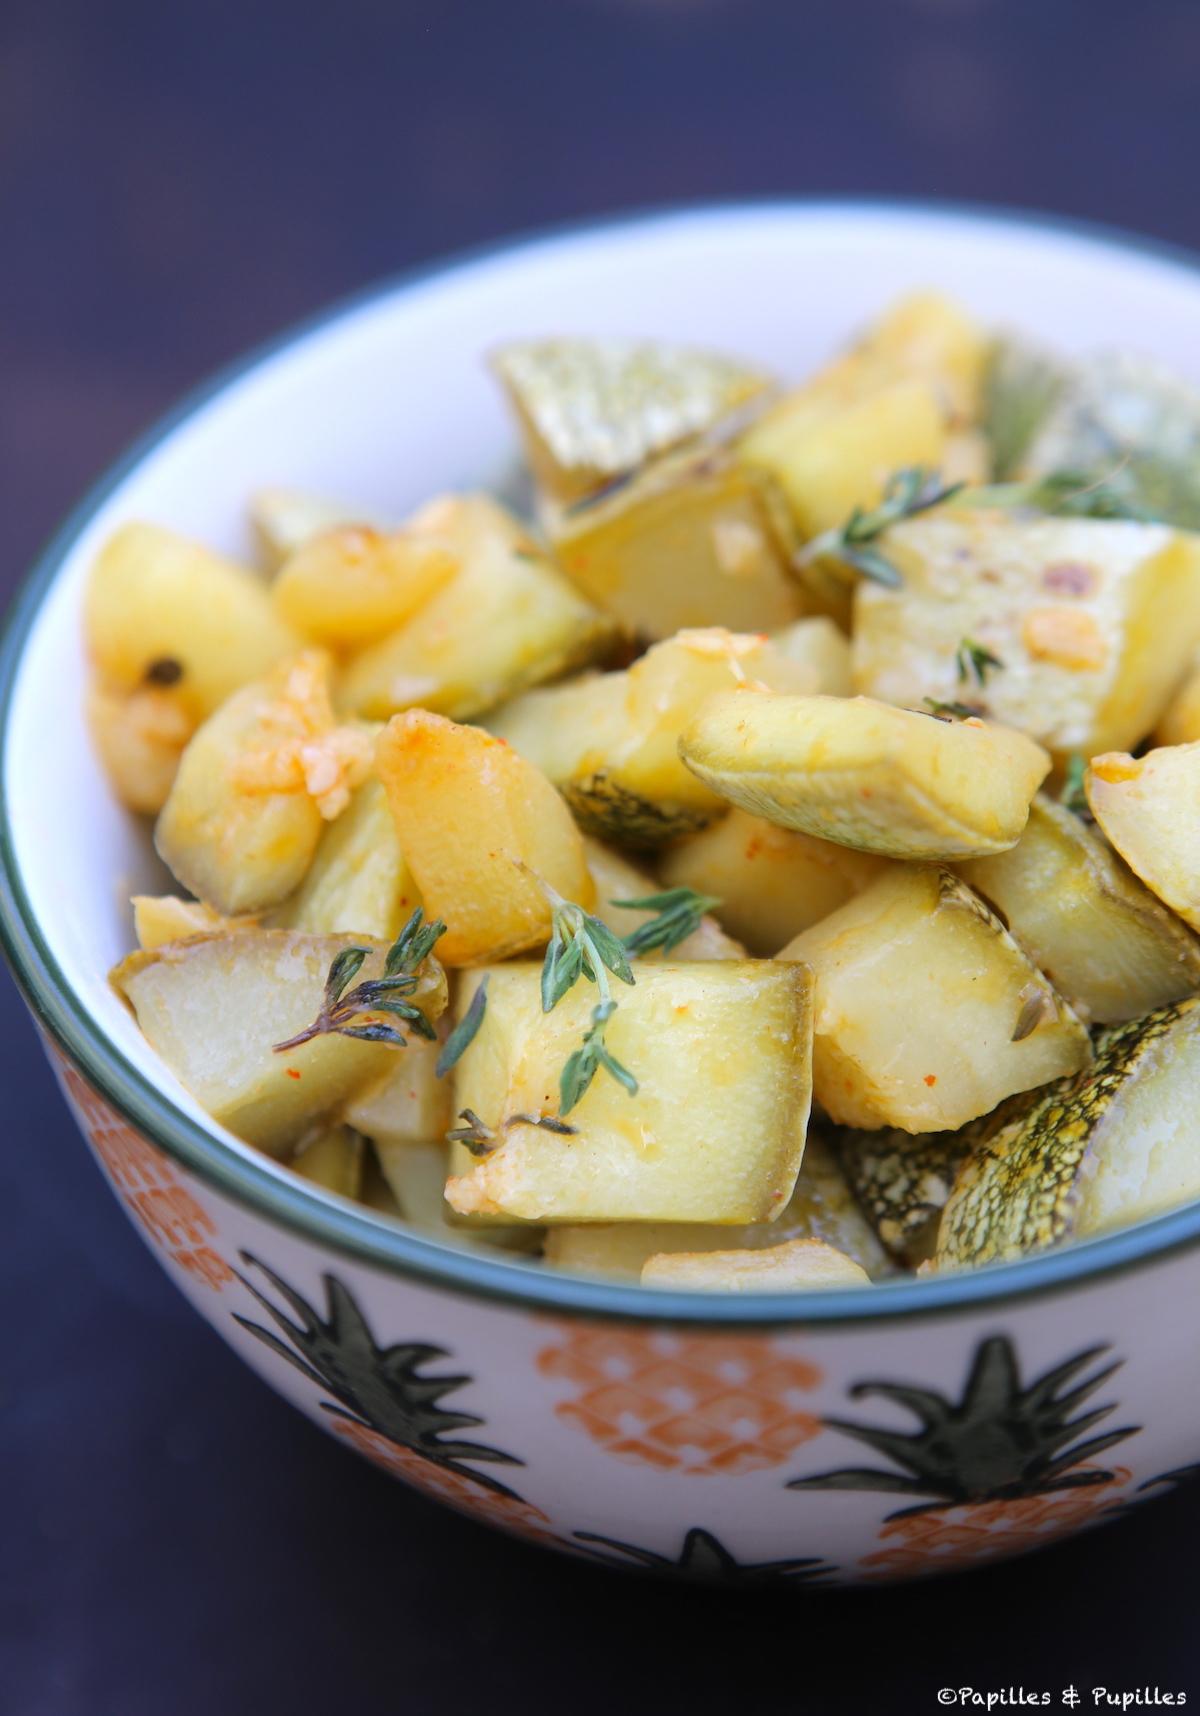 Courgettes marinées au citron et thym